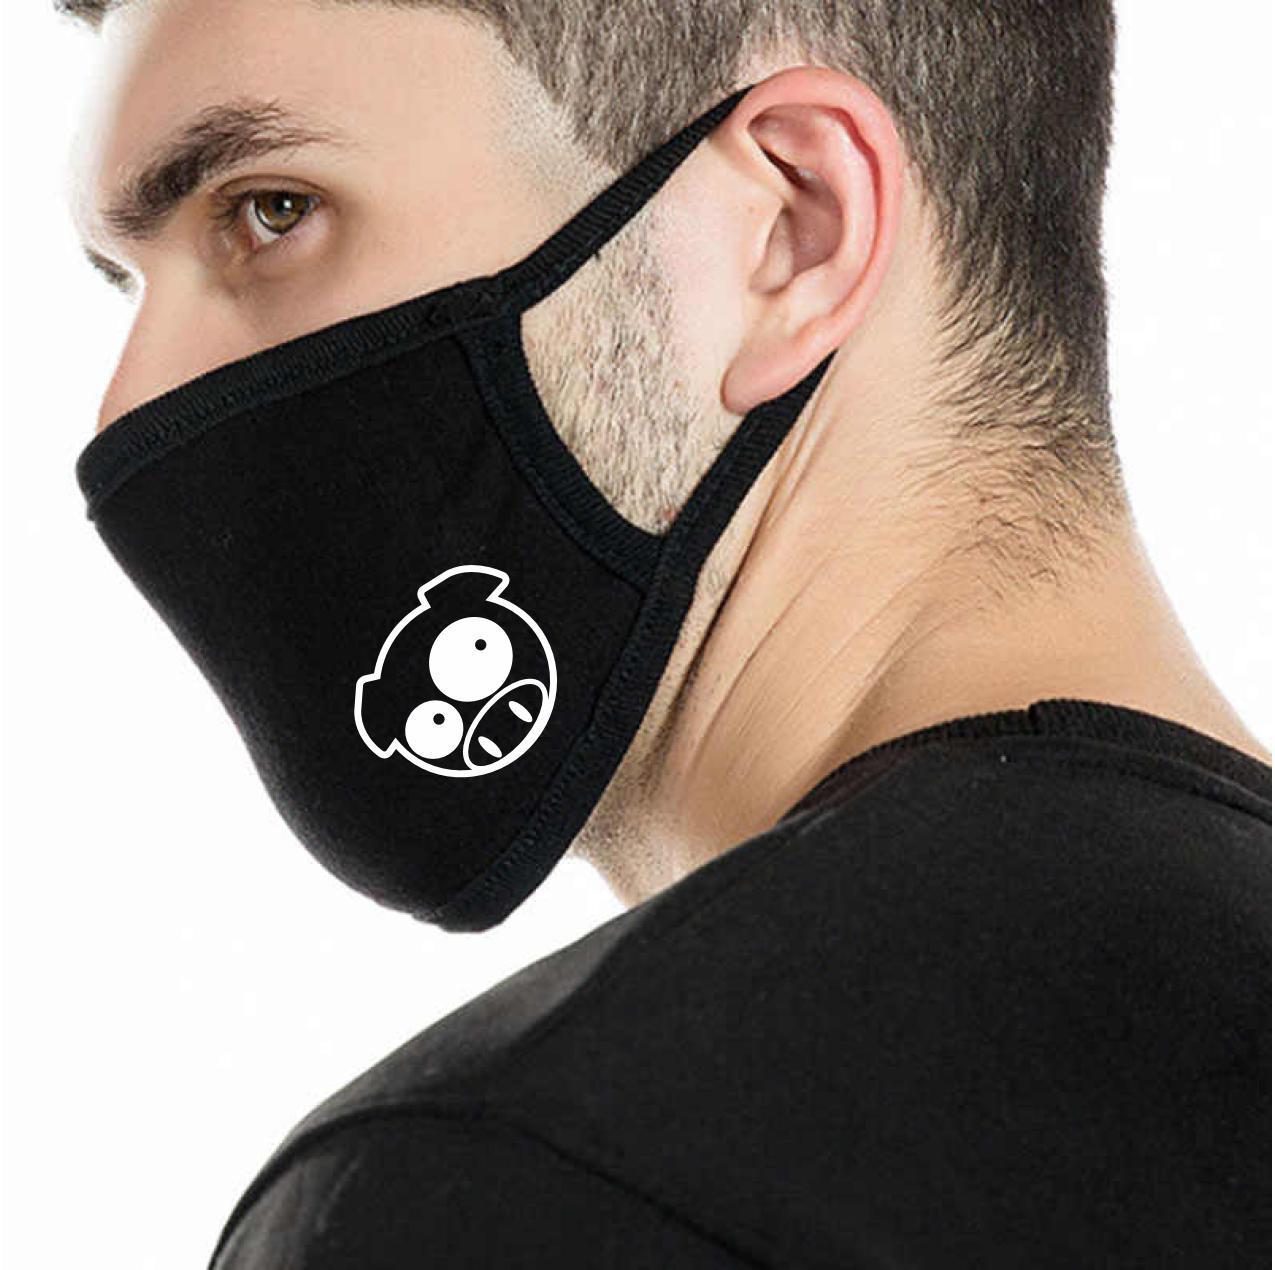 Детская многоразовая (респиратор) защитная маска на лицо с принтом Свинка